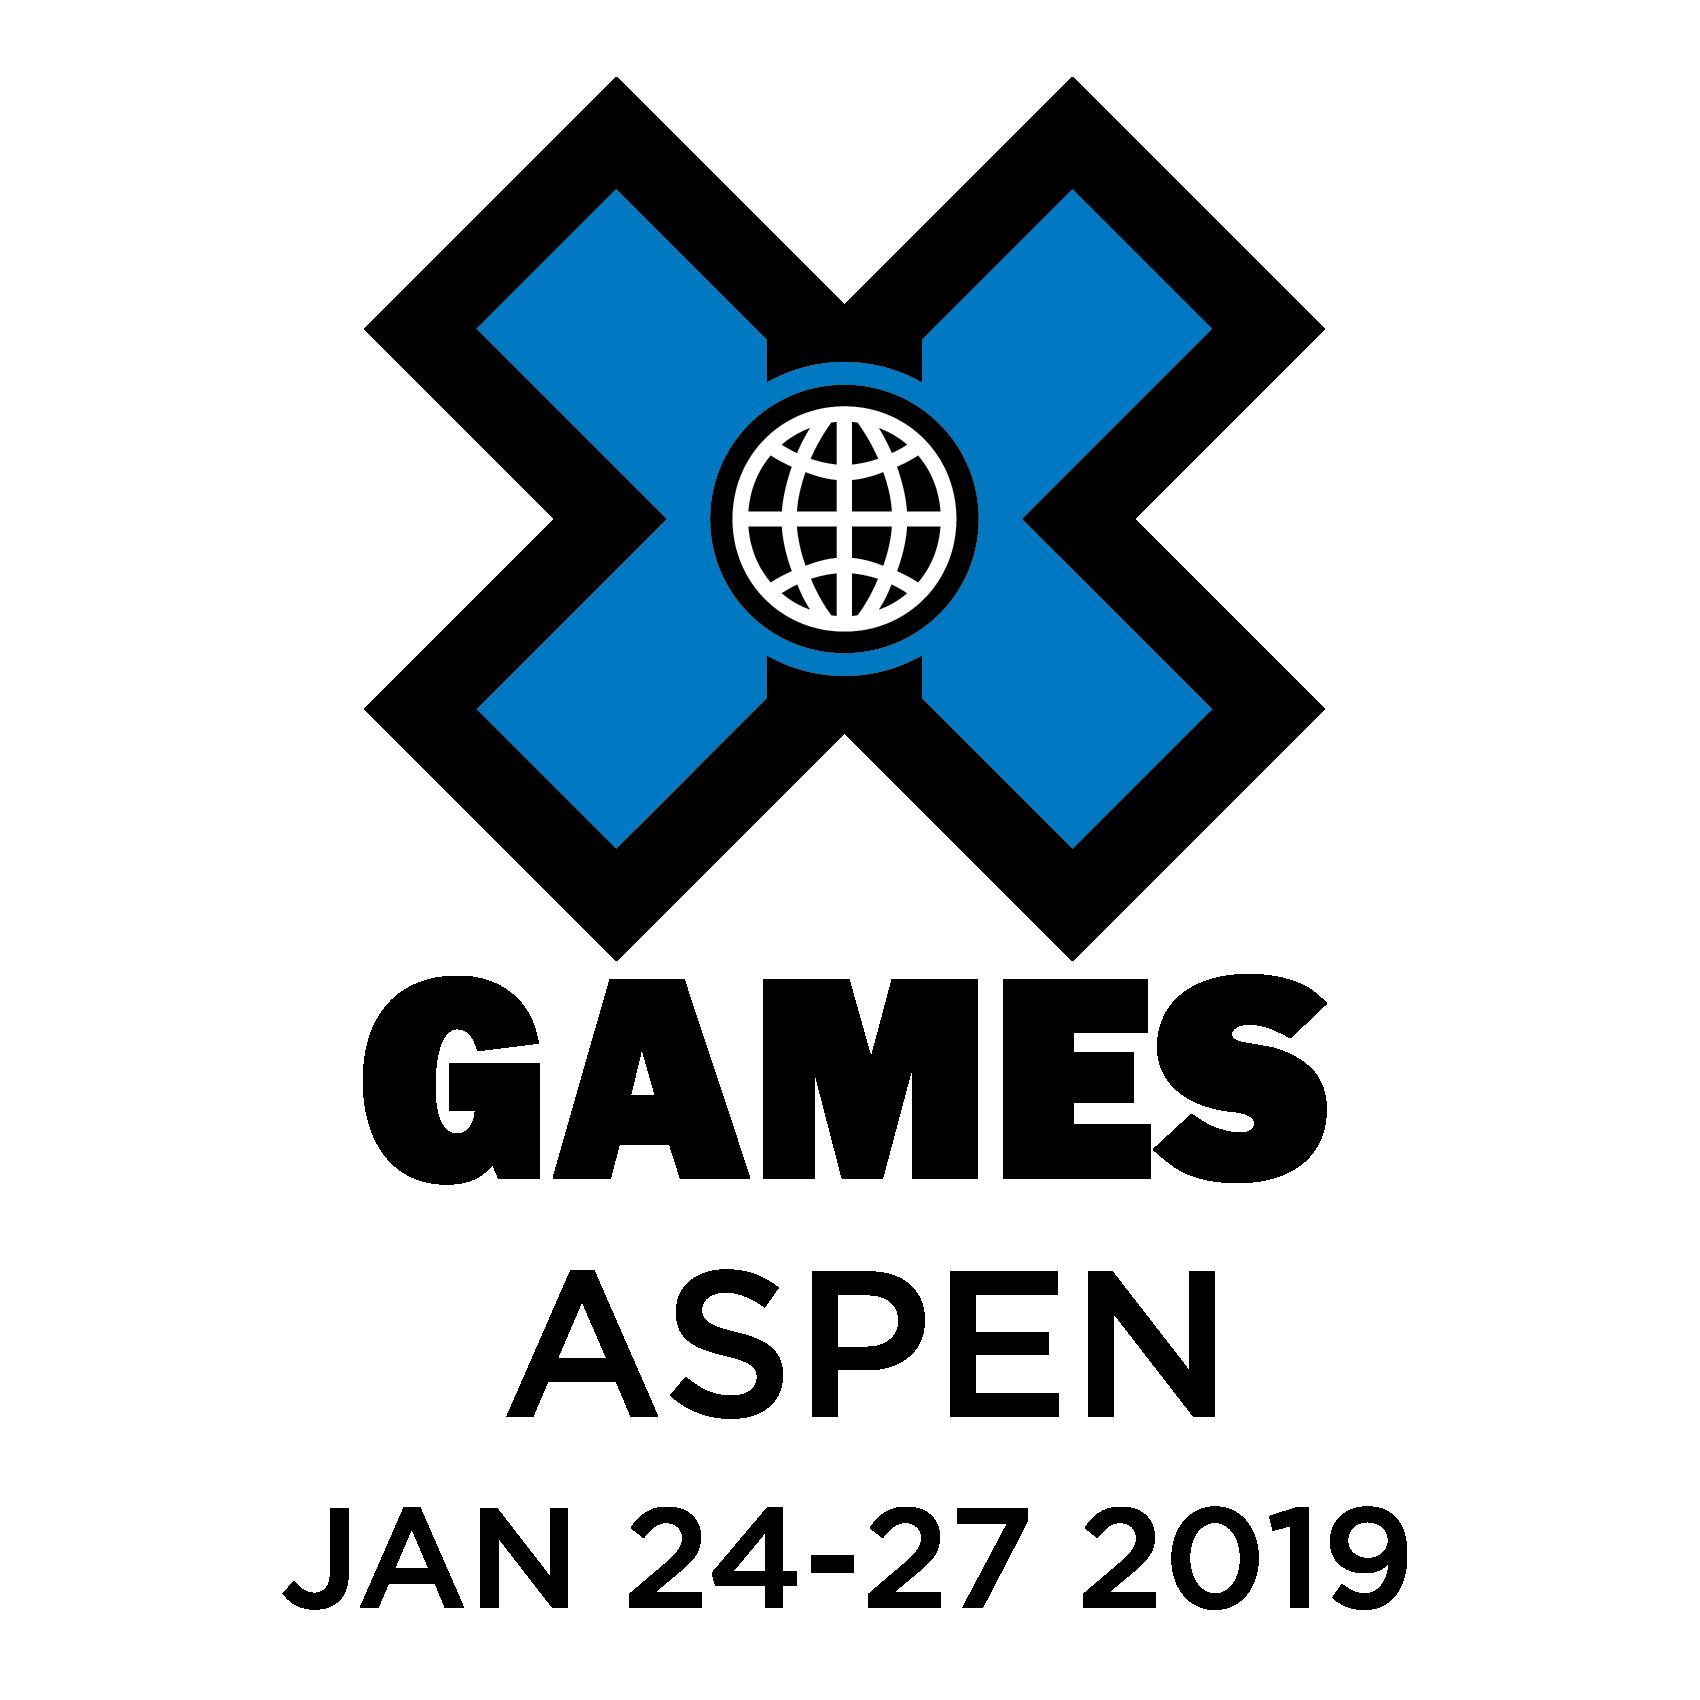 X Games Aspen 2019 messages sticker-0